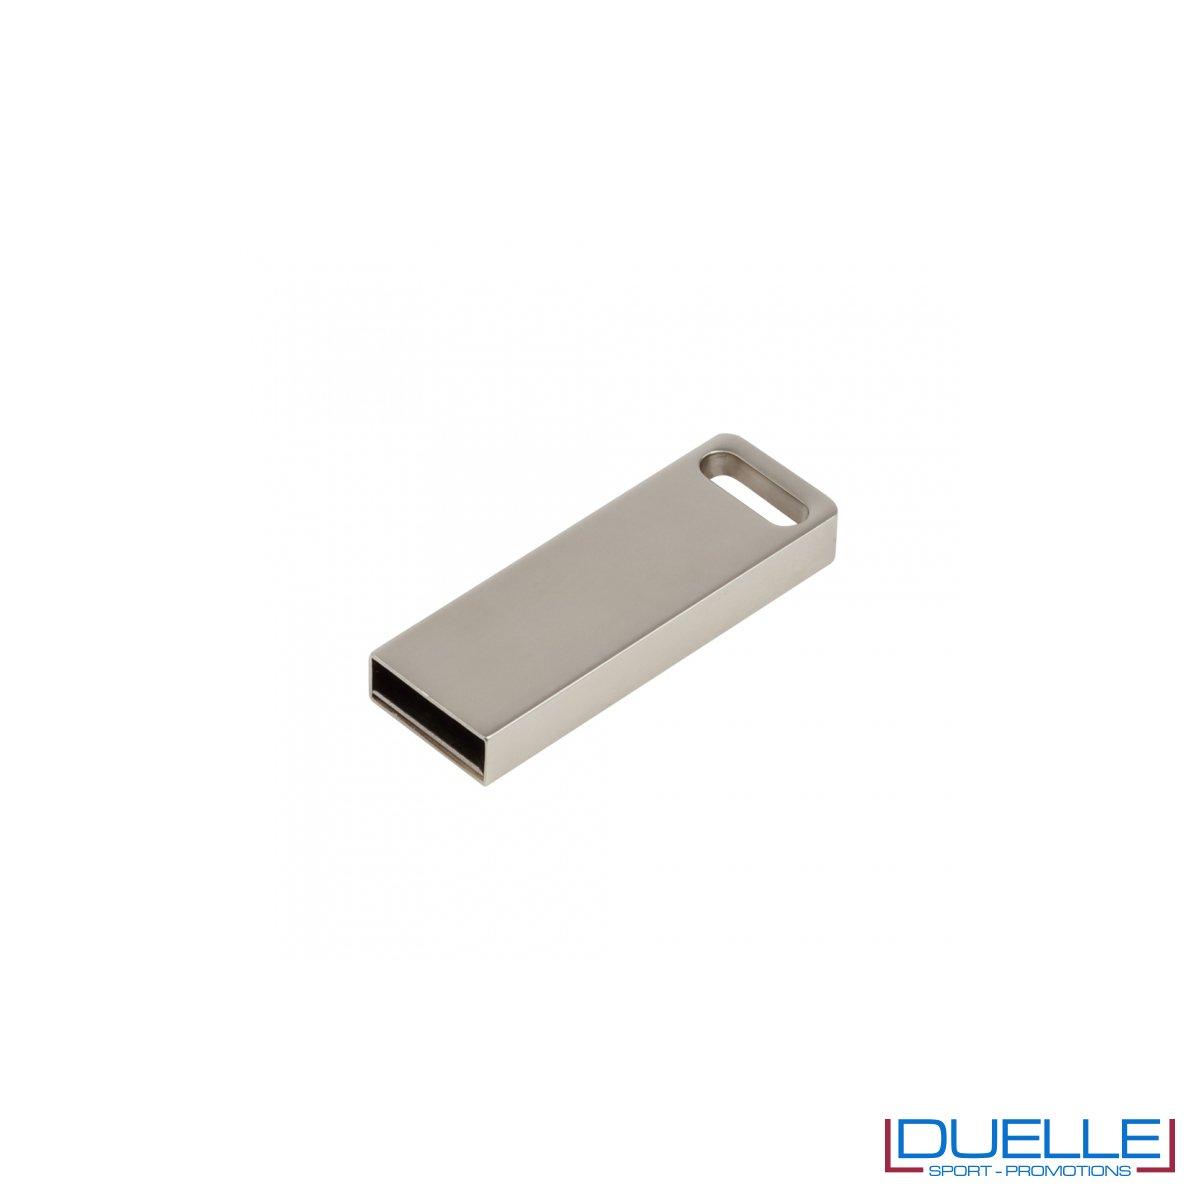 Chiavetta USB 3.0 in metallo personalizzata